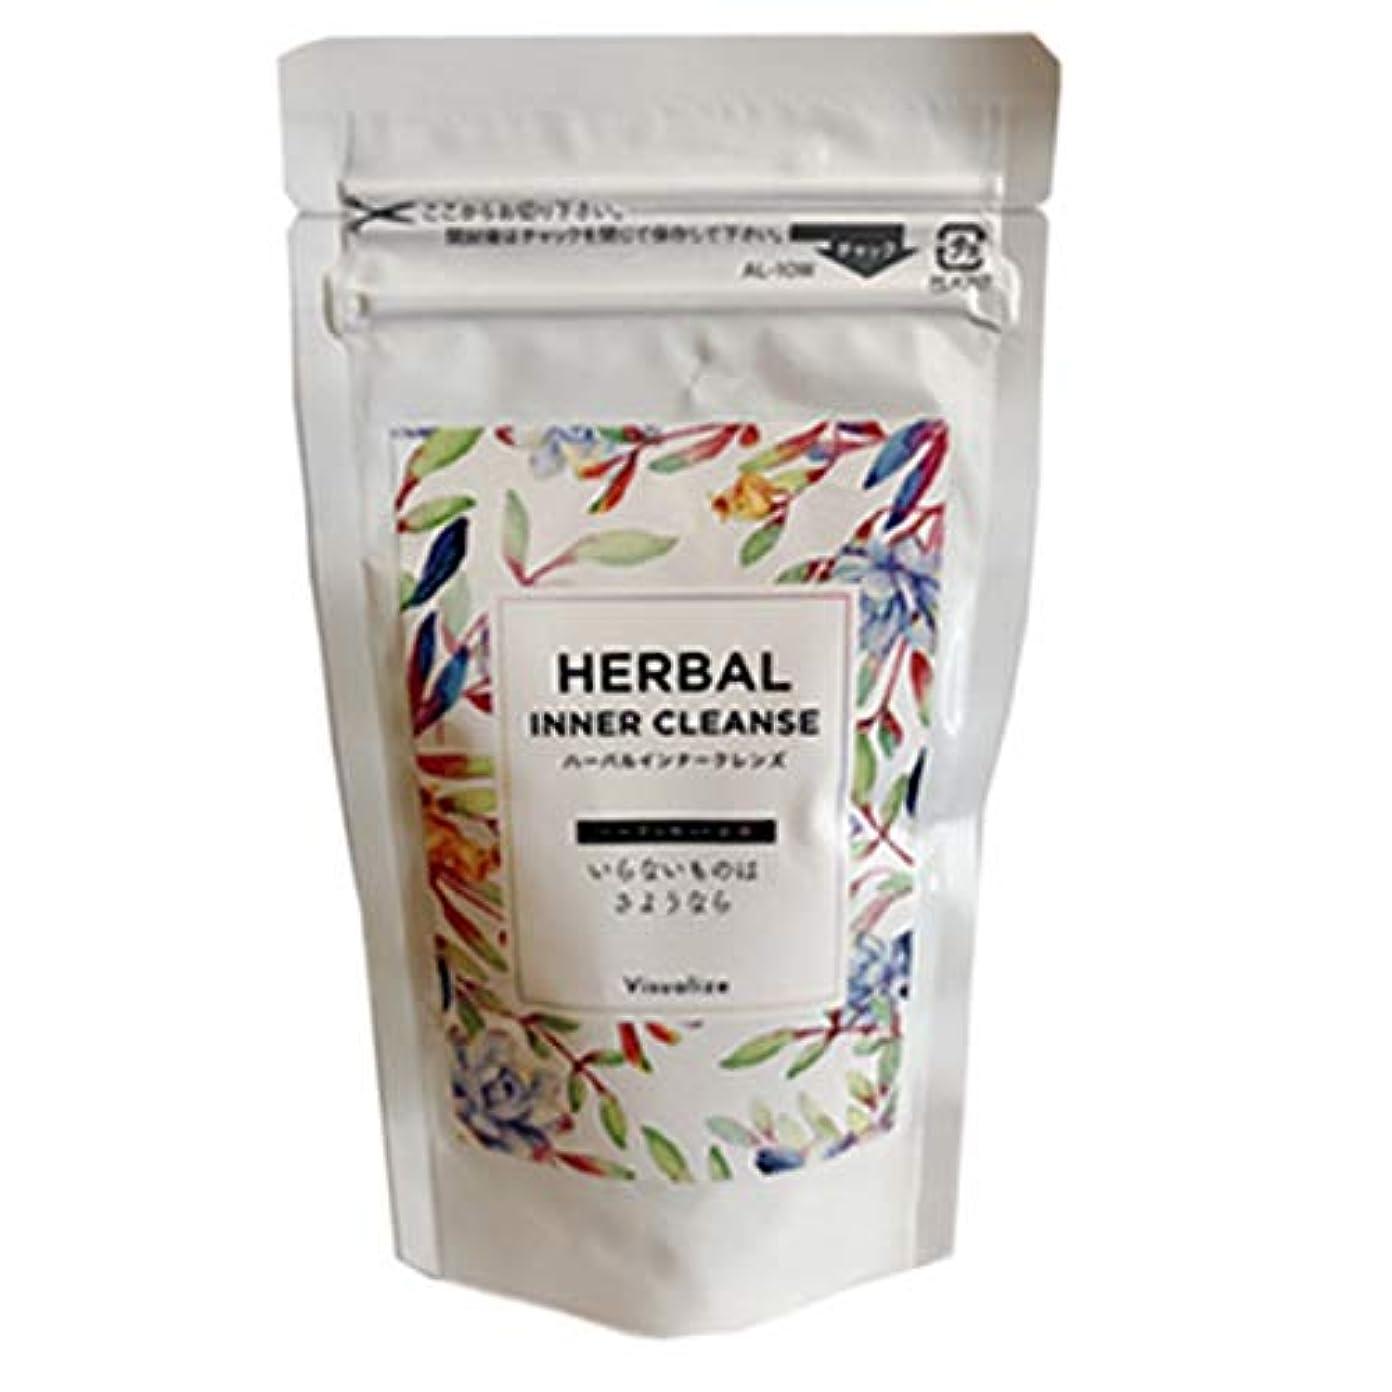 精算ベアリングサークル先祖ハーバルインナークレンズ Herbal INNER CLEANZE (150粒(tablets))2019/1/8より順次発送